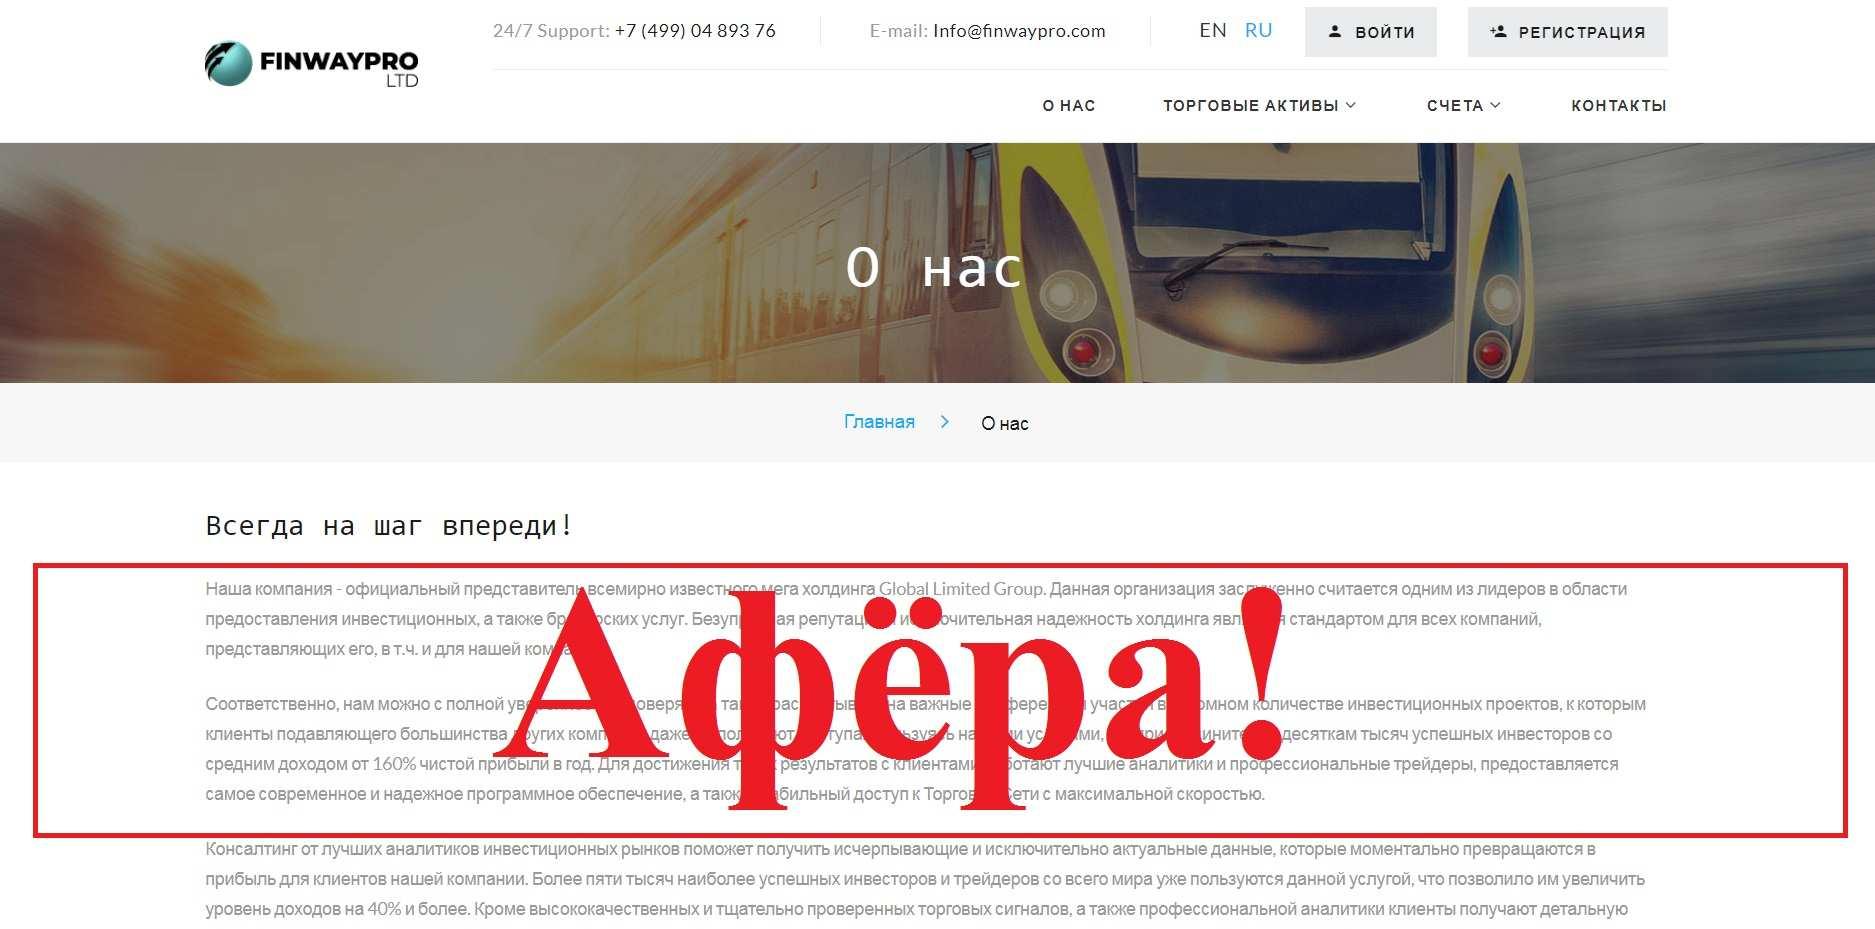 FINWAYPRO – реальные отзывы о finwaypro.com